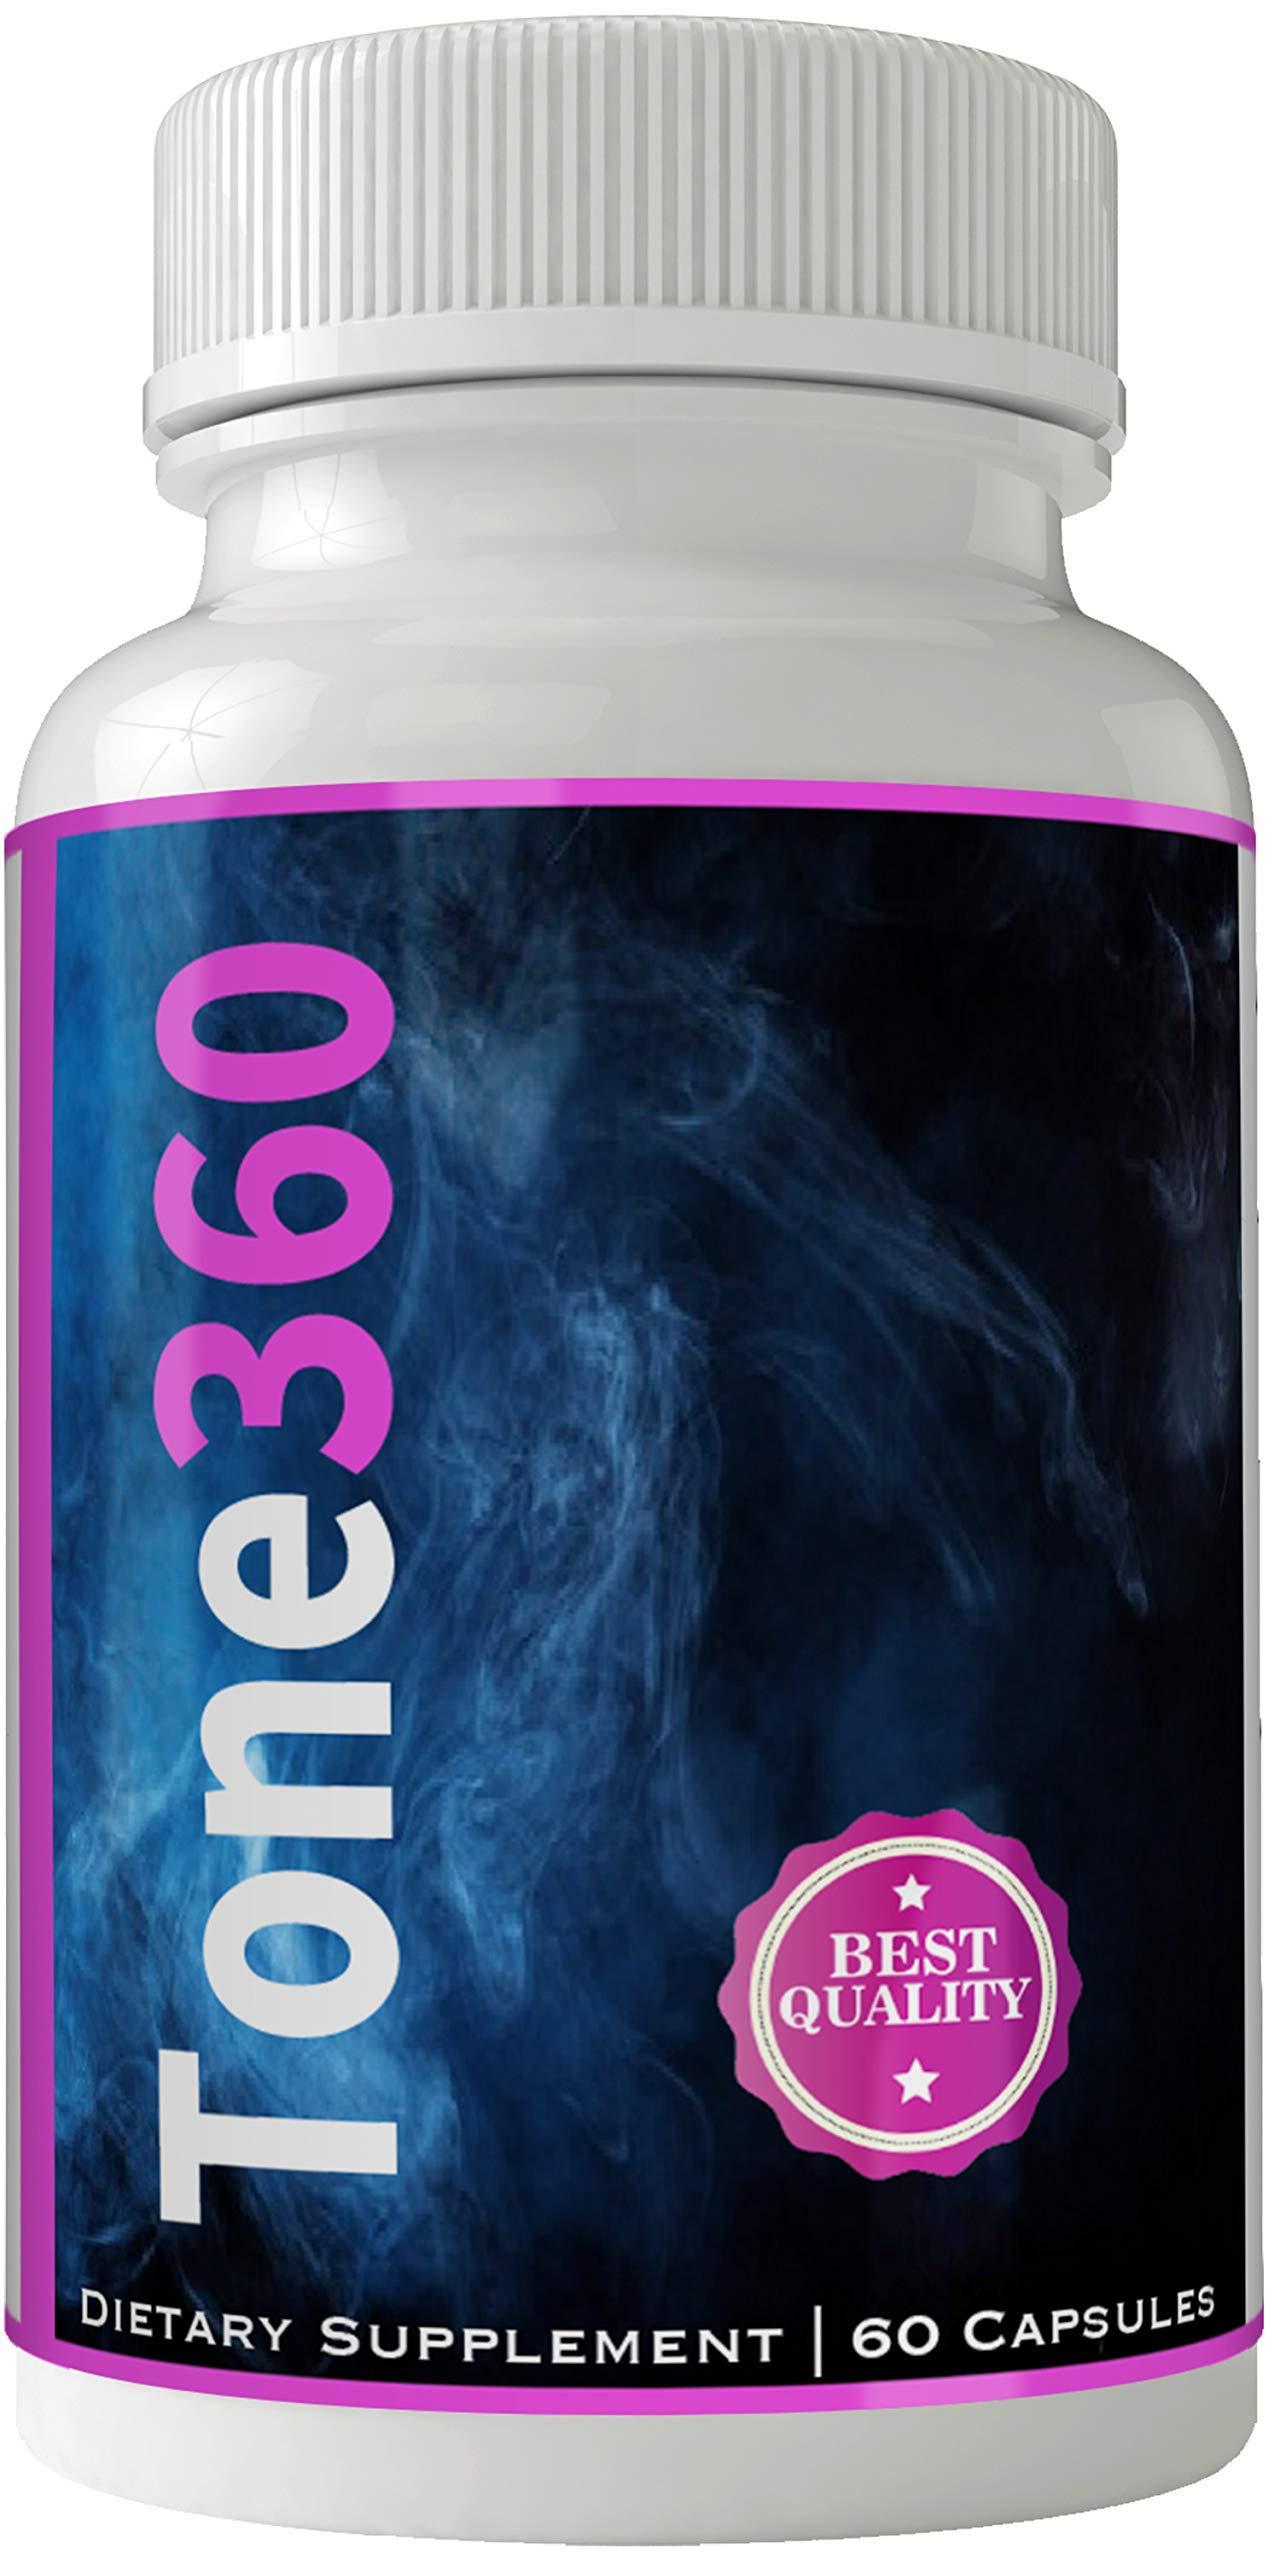 Tone 360 Fat Burner Quemador de Grasa Pastillas para Bajar de Peso | Weight Loss Pills | Loose Weight Capsulas with Garcinia by nutra4health LLC (Image #1)